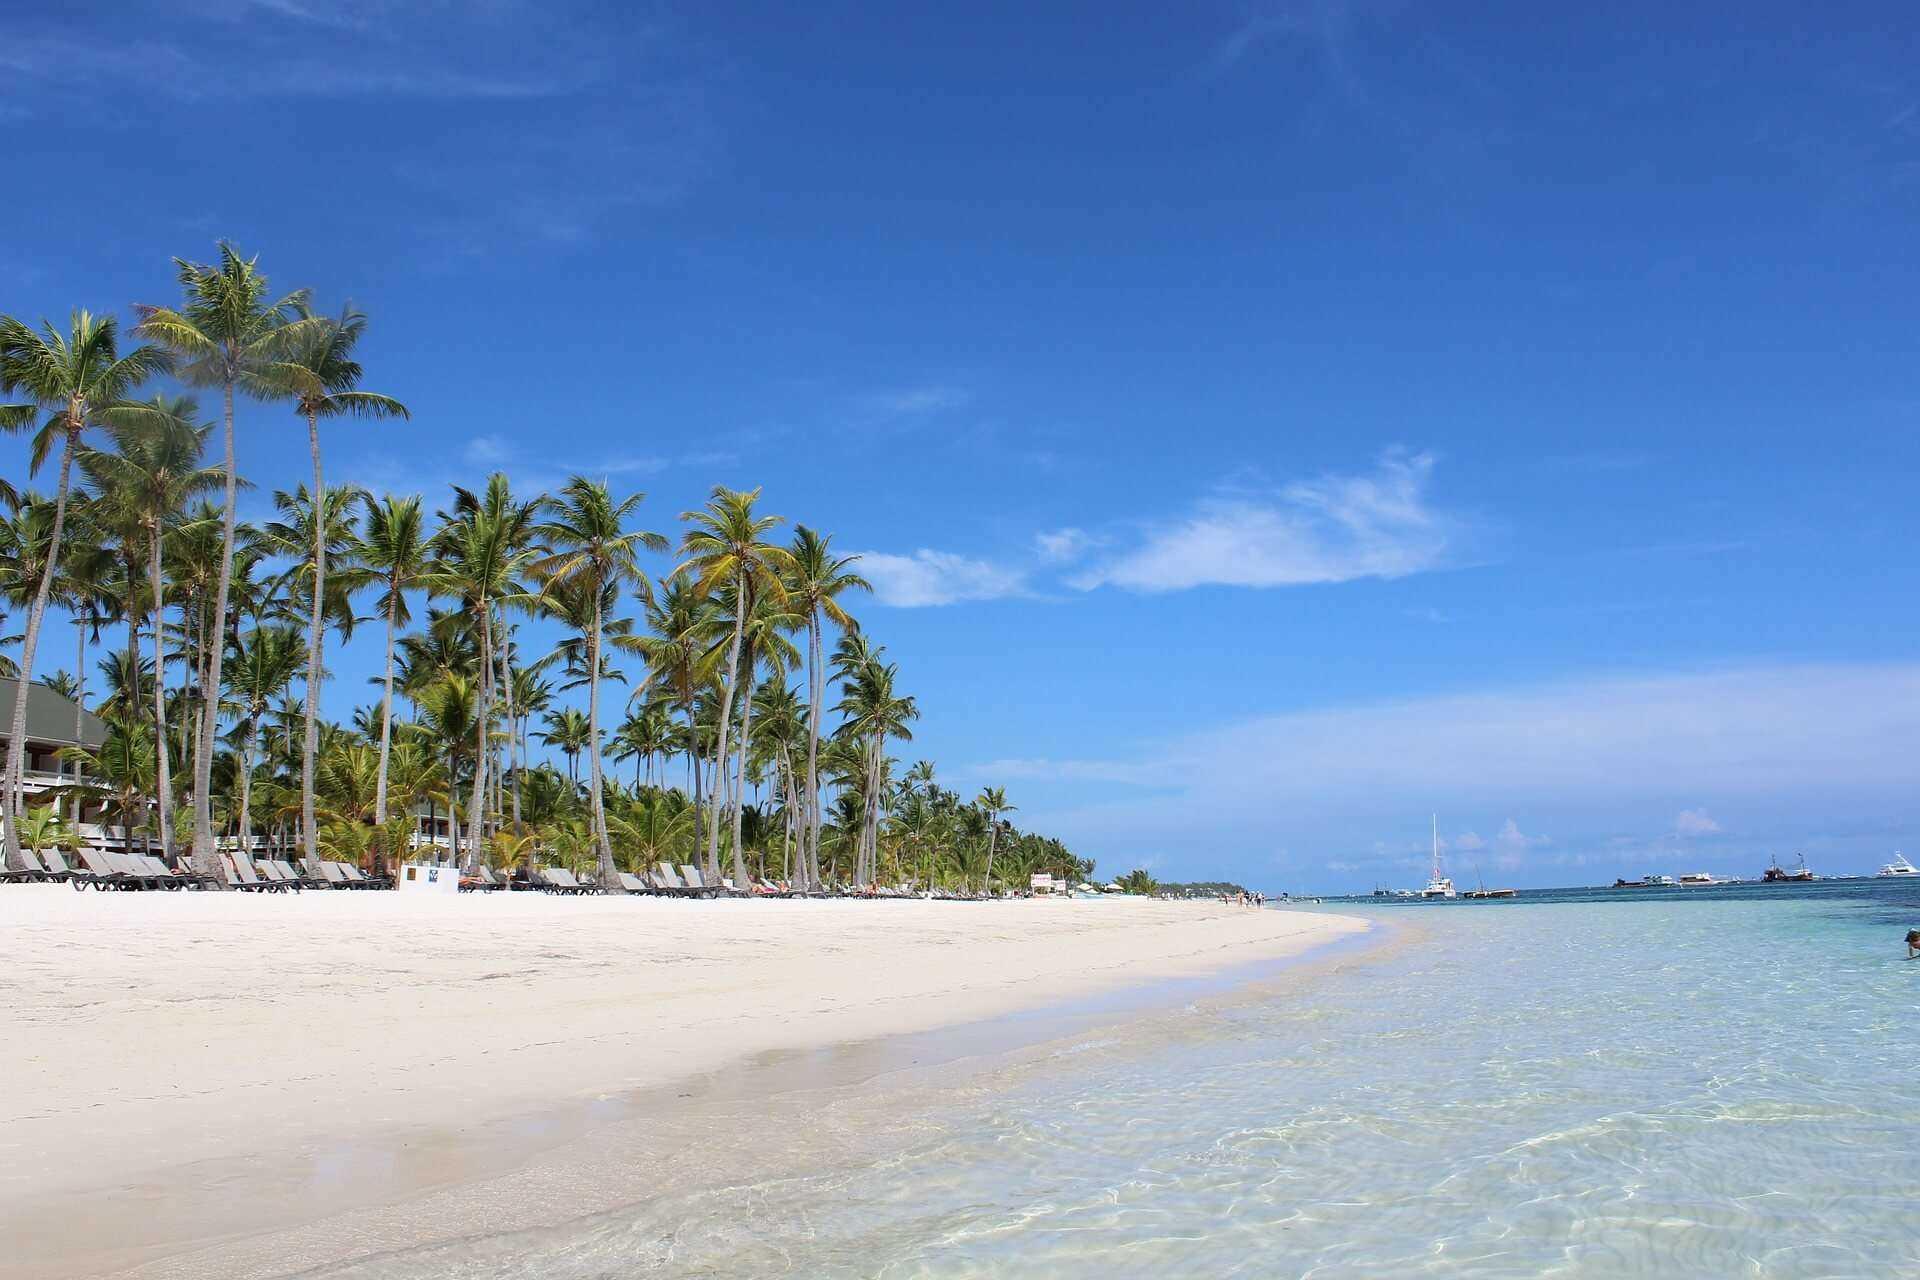 Direktflüge und Billigflüge ab Zürich nach Punta Cana